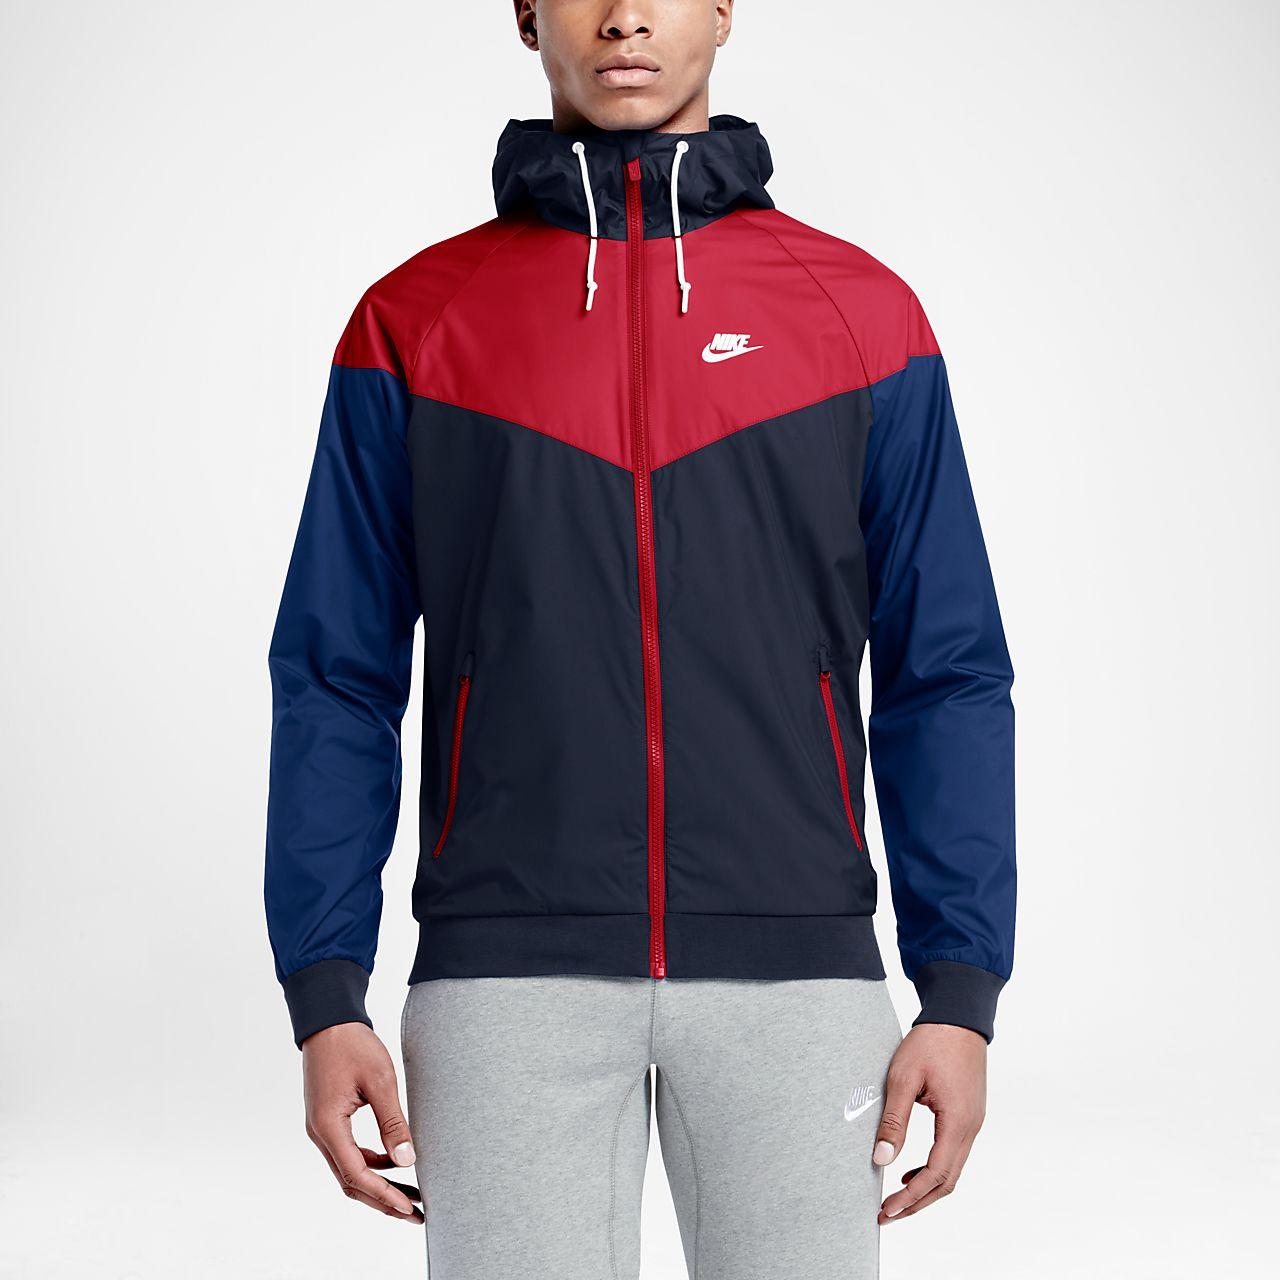 ... Low Resolution Nike Sportswear Windrunner Mens Jacket Nike Sportswear  Windrunner Mens Jacket ... d5fb7345883f